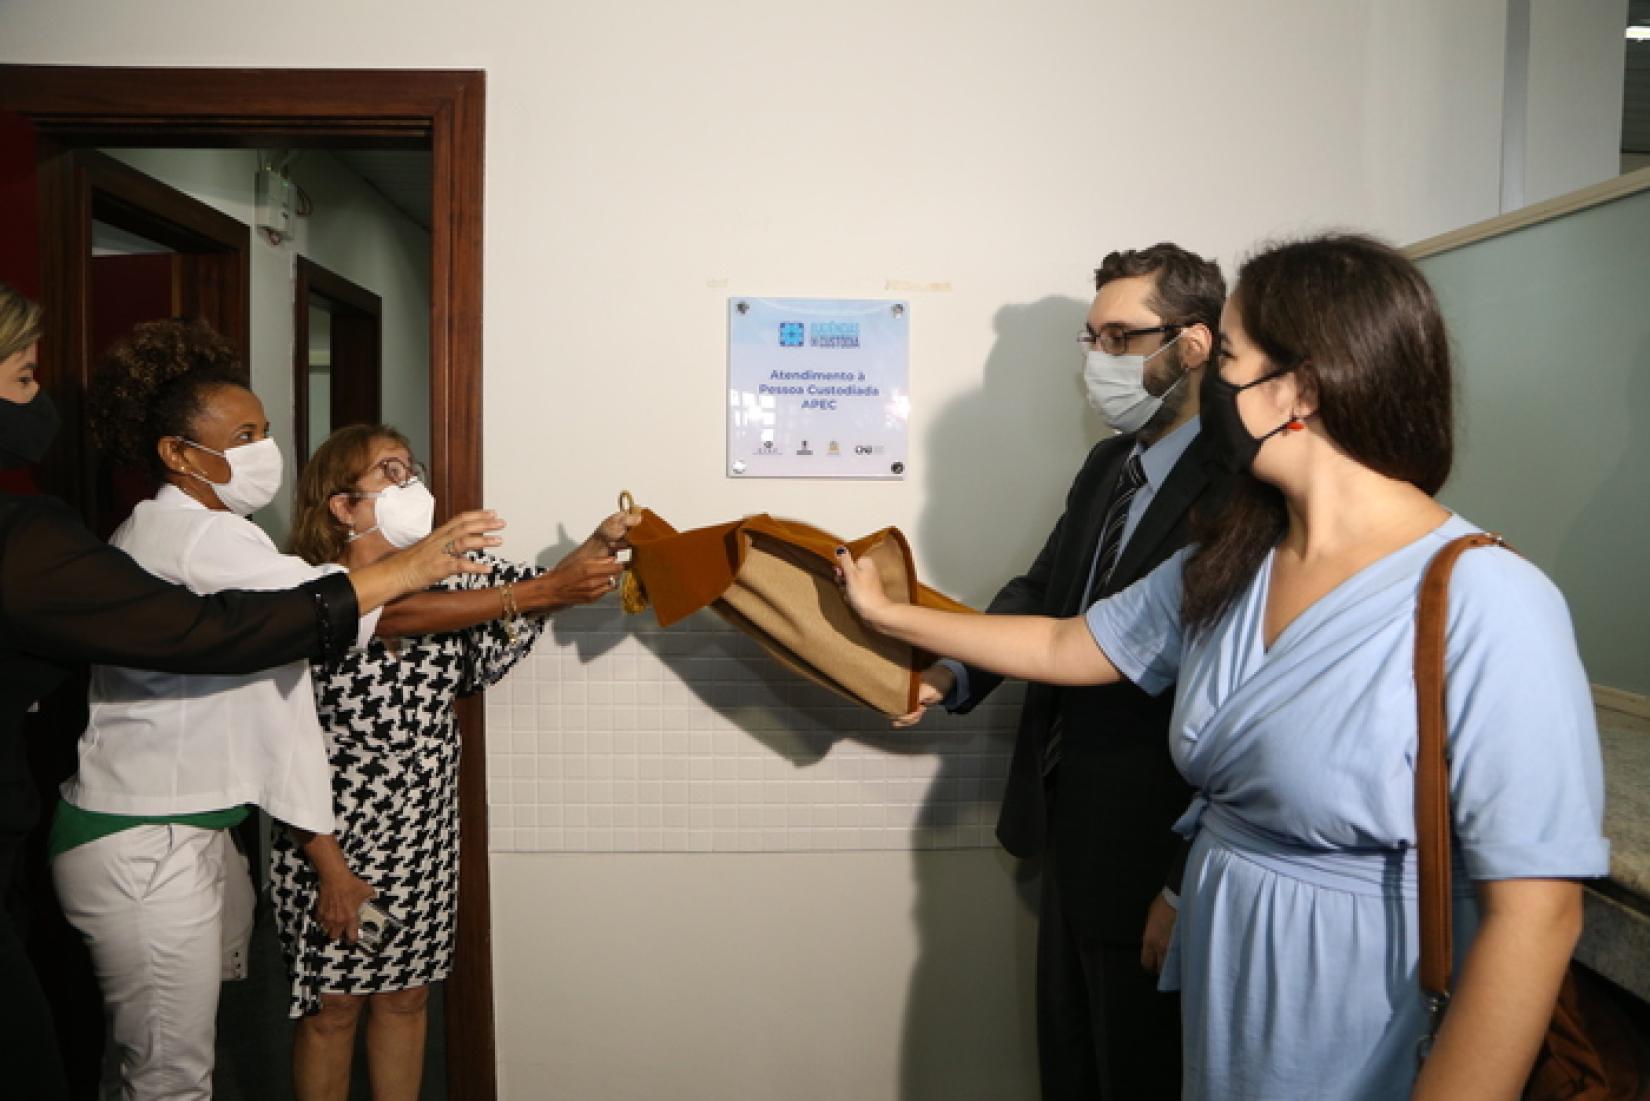 Inauguração do serviço de Atendimento à Pessoa Custodiada do TJSE.